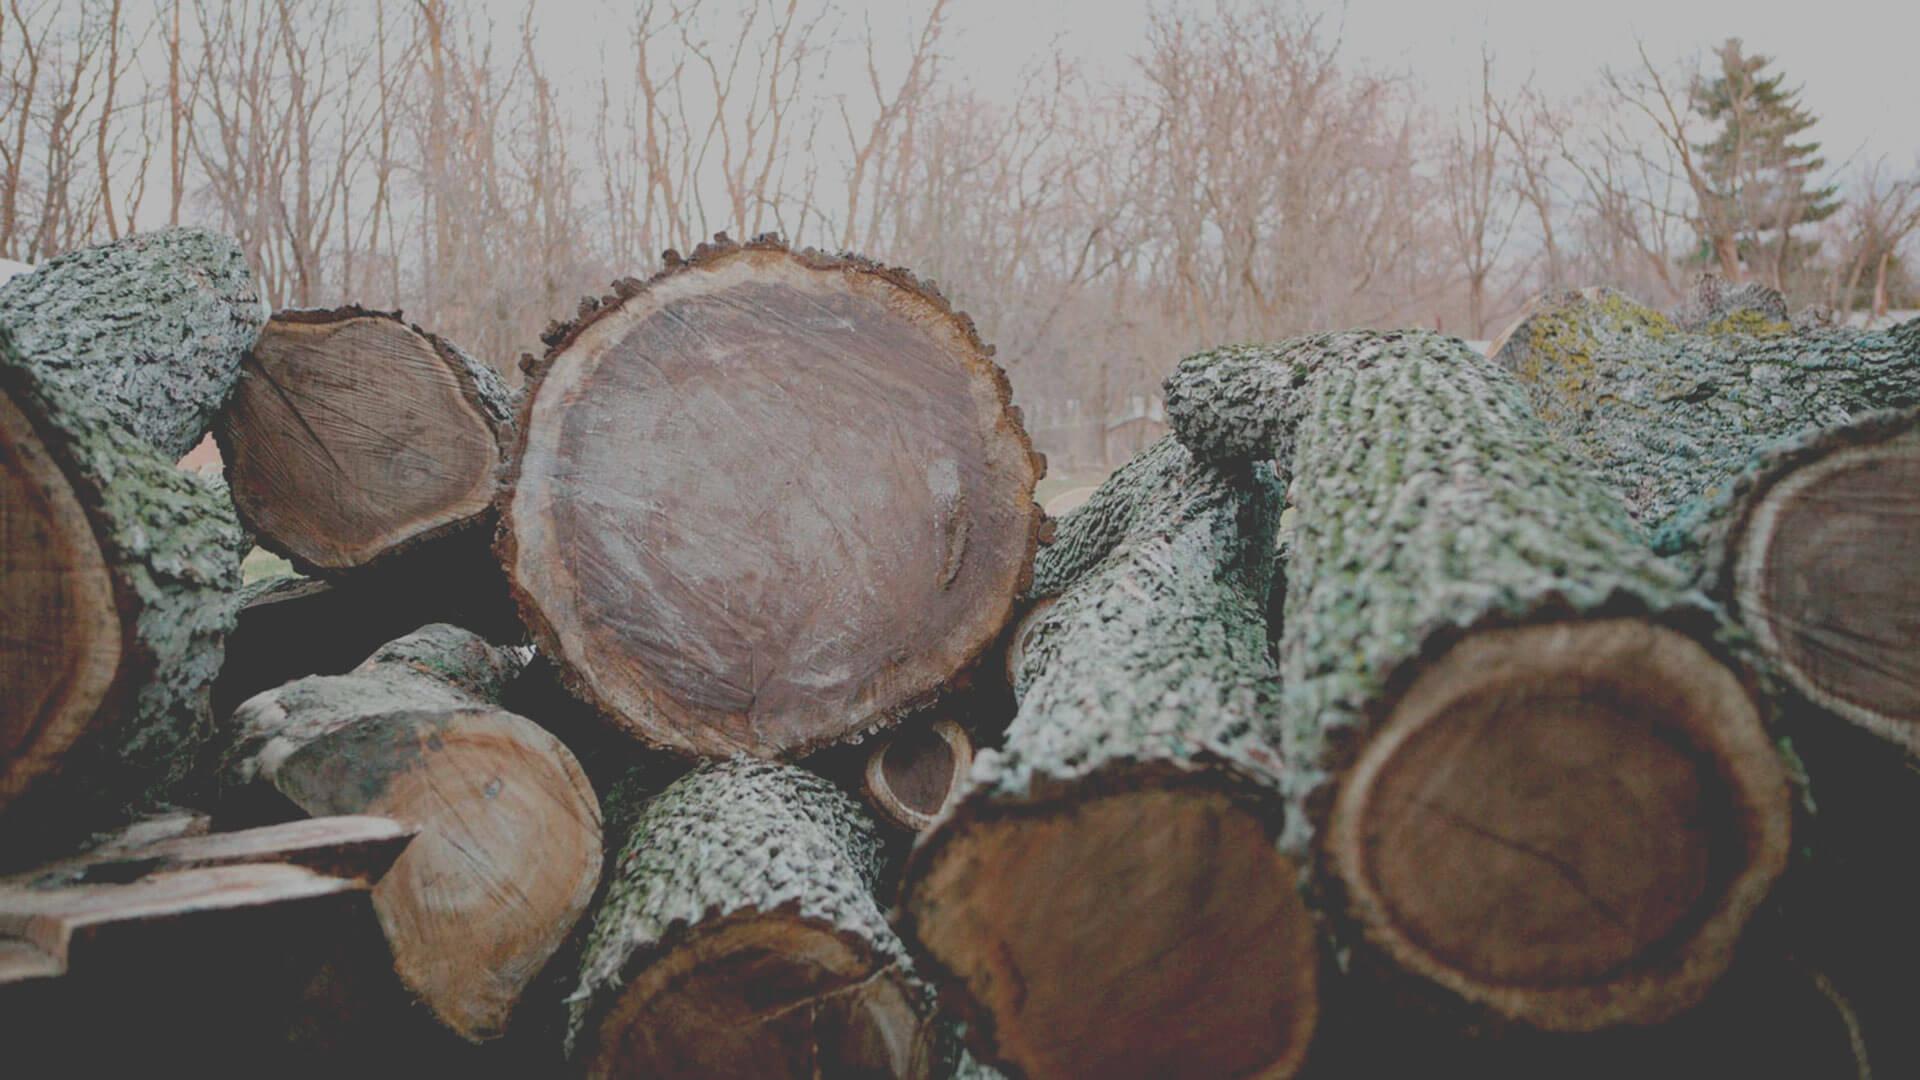 Elko hardwoods uses salvaged urban trees